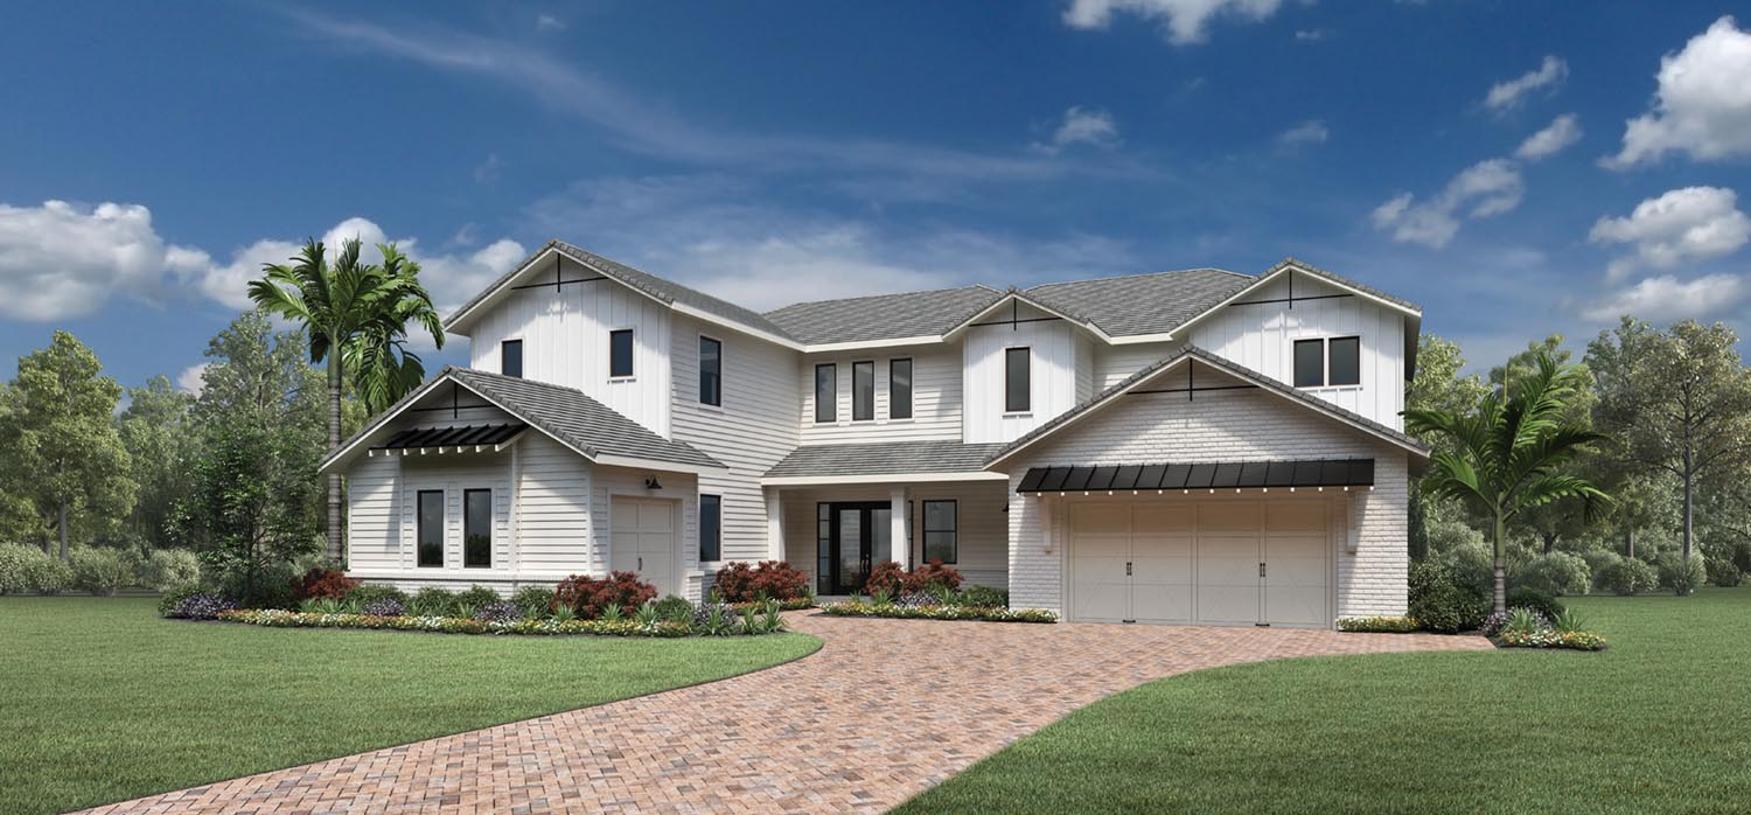 Abington -  Modern Ranch